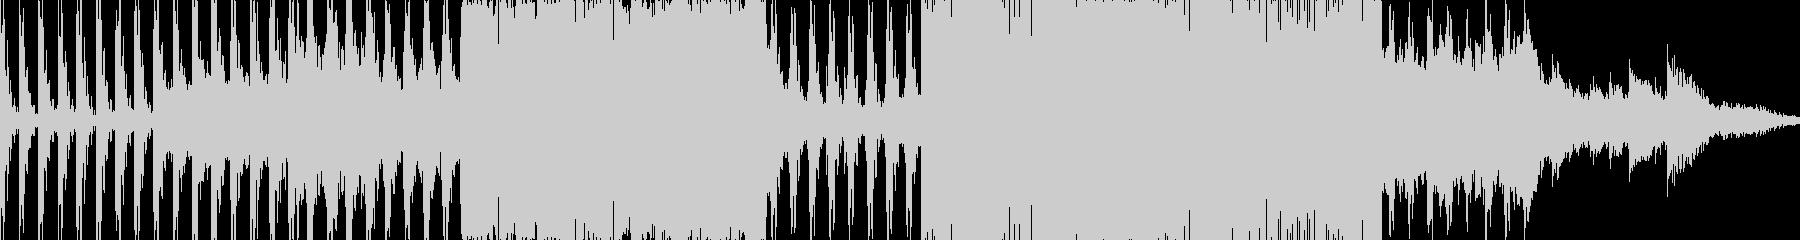 寒くて悲しいイメージのシンセの印象的な曲の未再生の波形